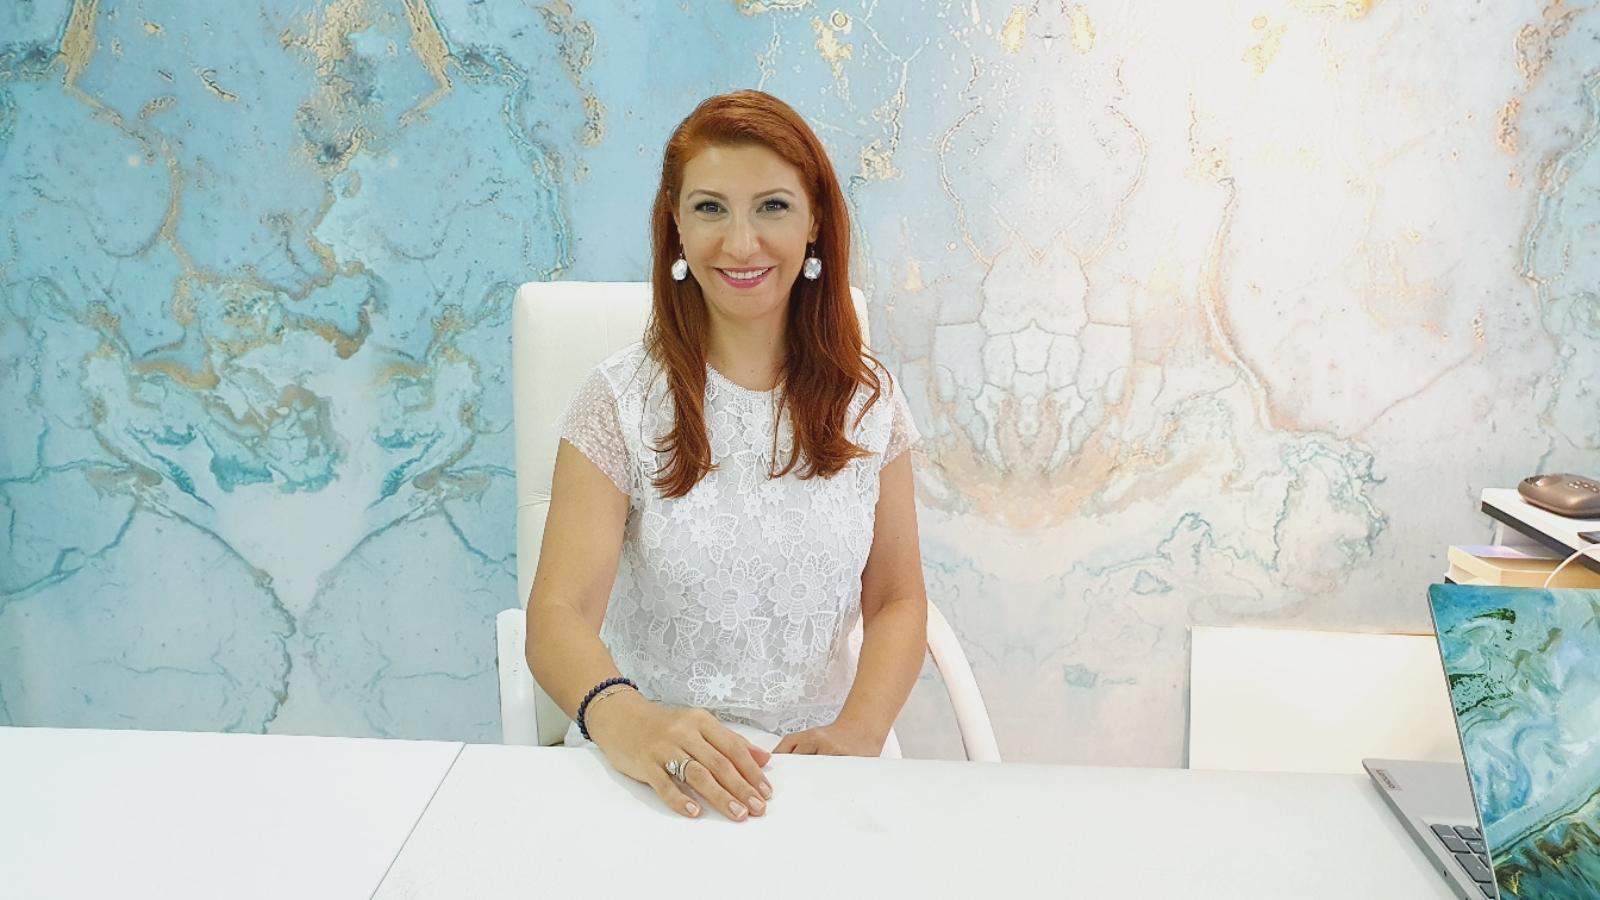 Uzm. Dr. Ebru Akçakanat: Zayıflamanın tek yolu ameliyat değil!